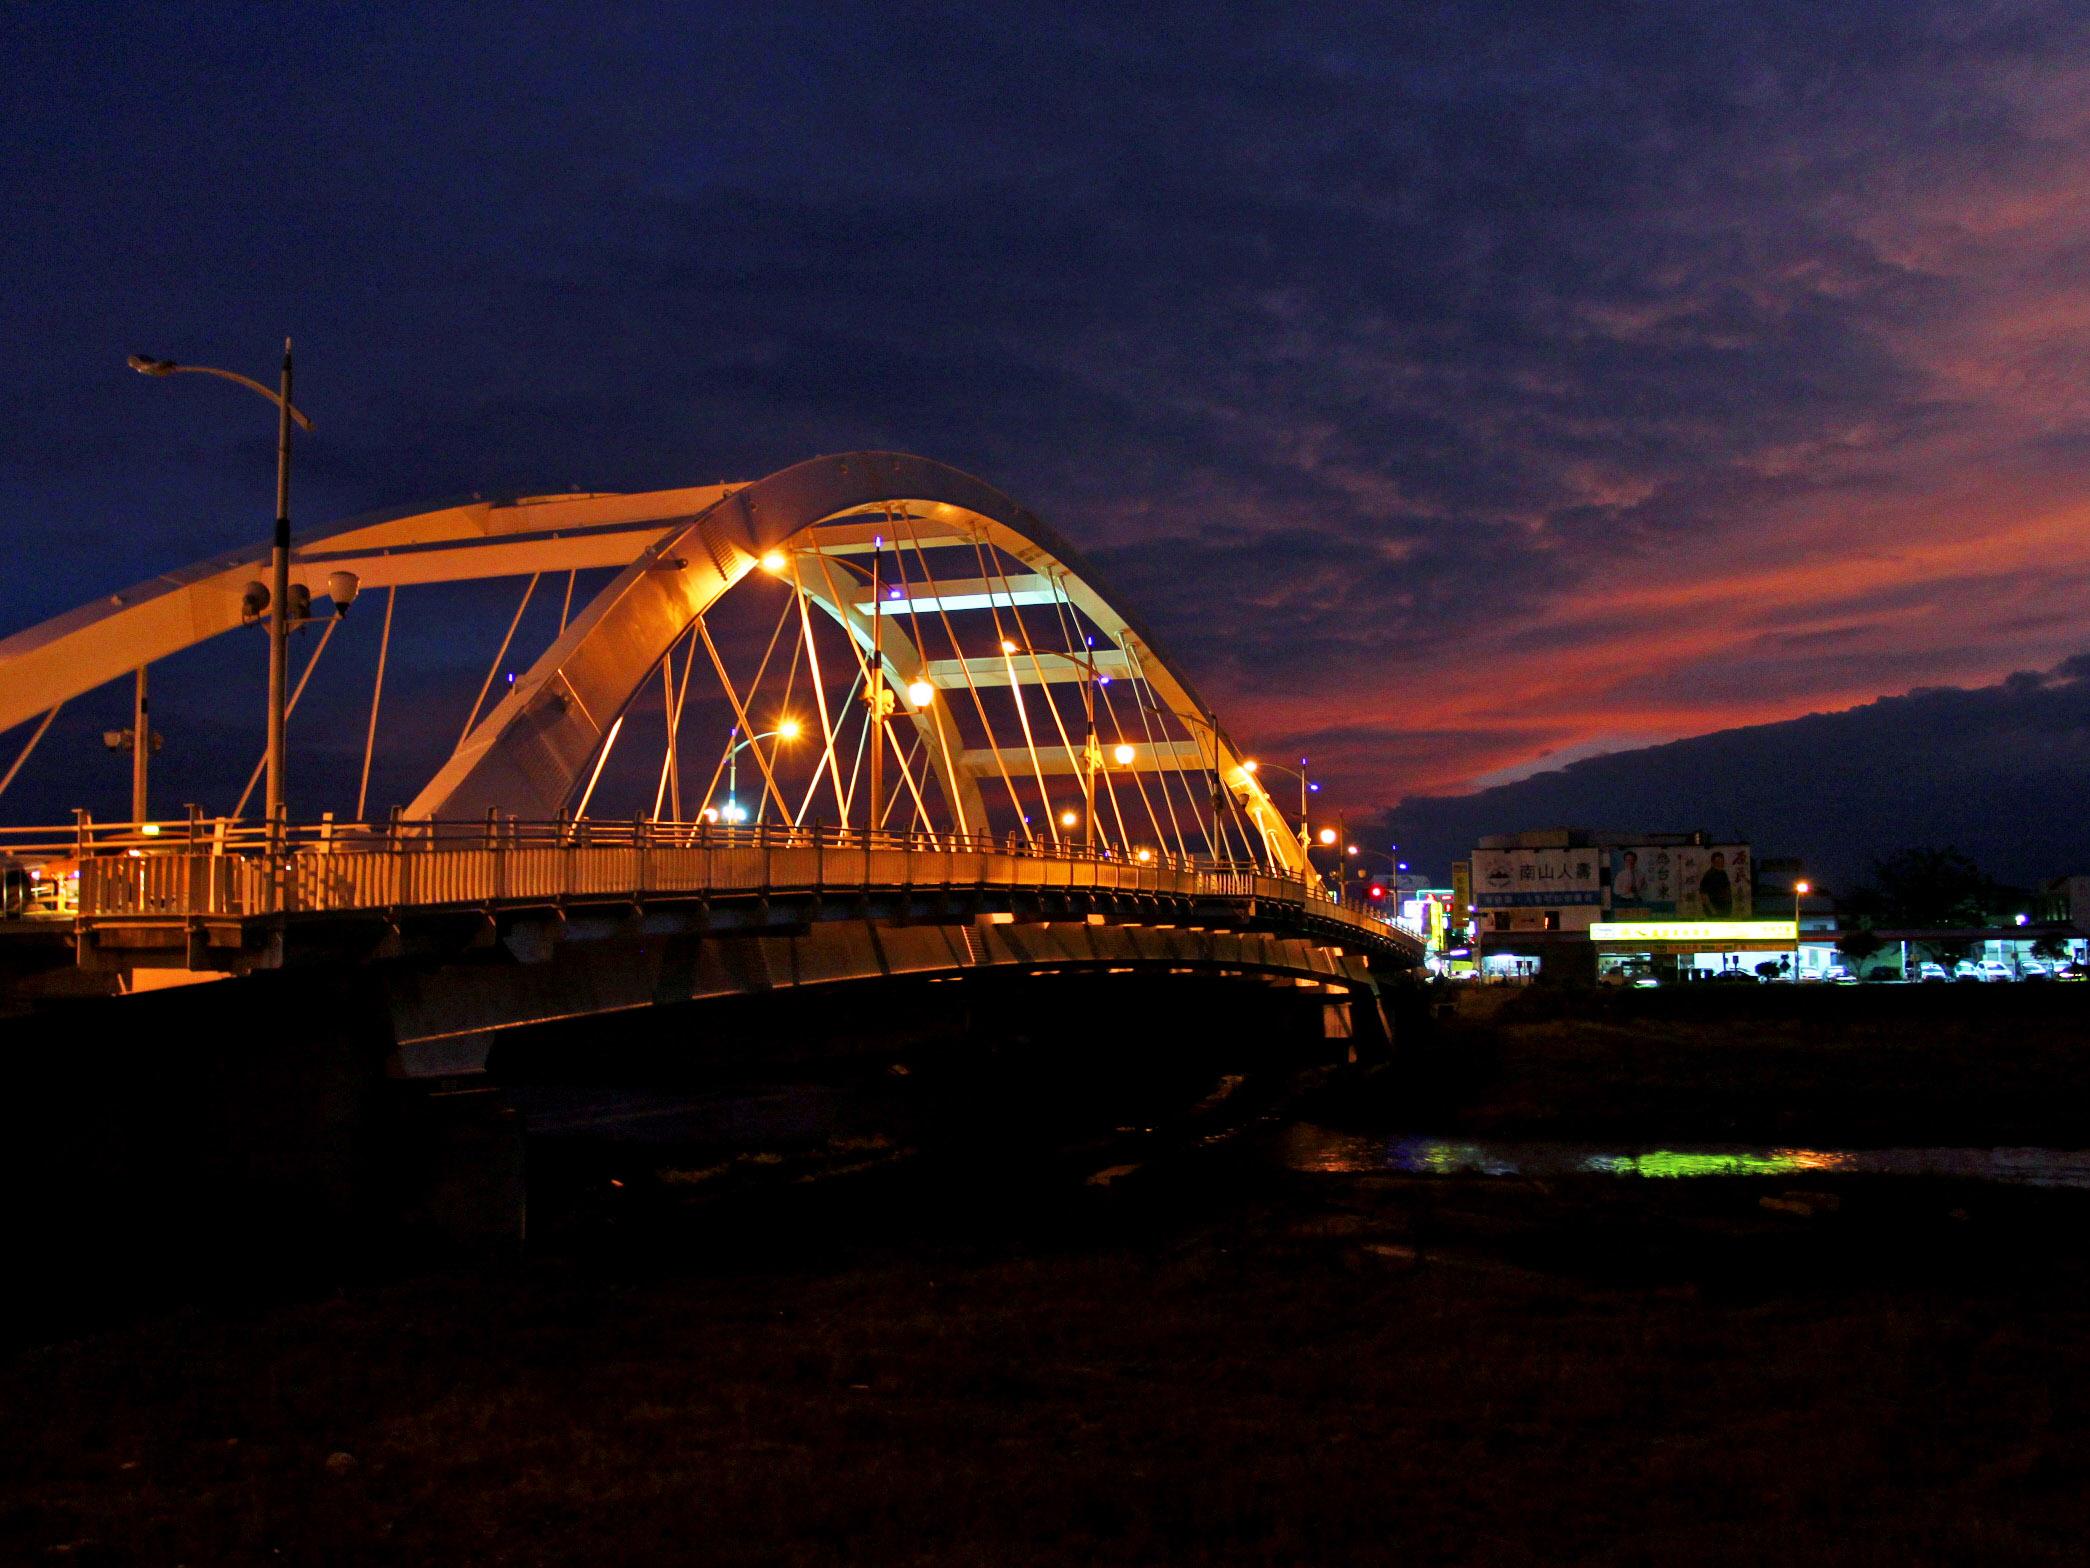 台東豐里橋 × 太平溪人工溼地:台東第一座景觀橋梁與市民絕佳運動休憩場所